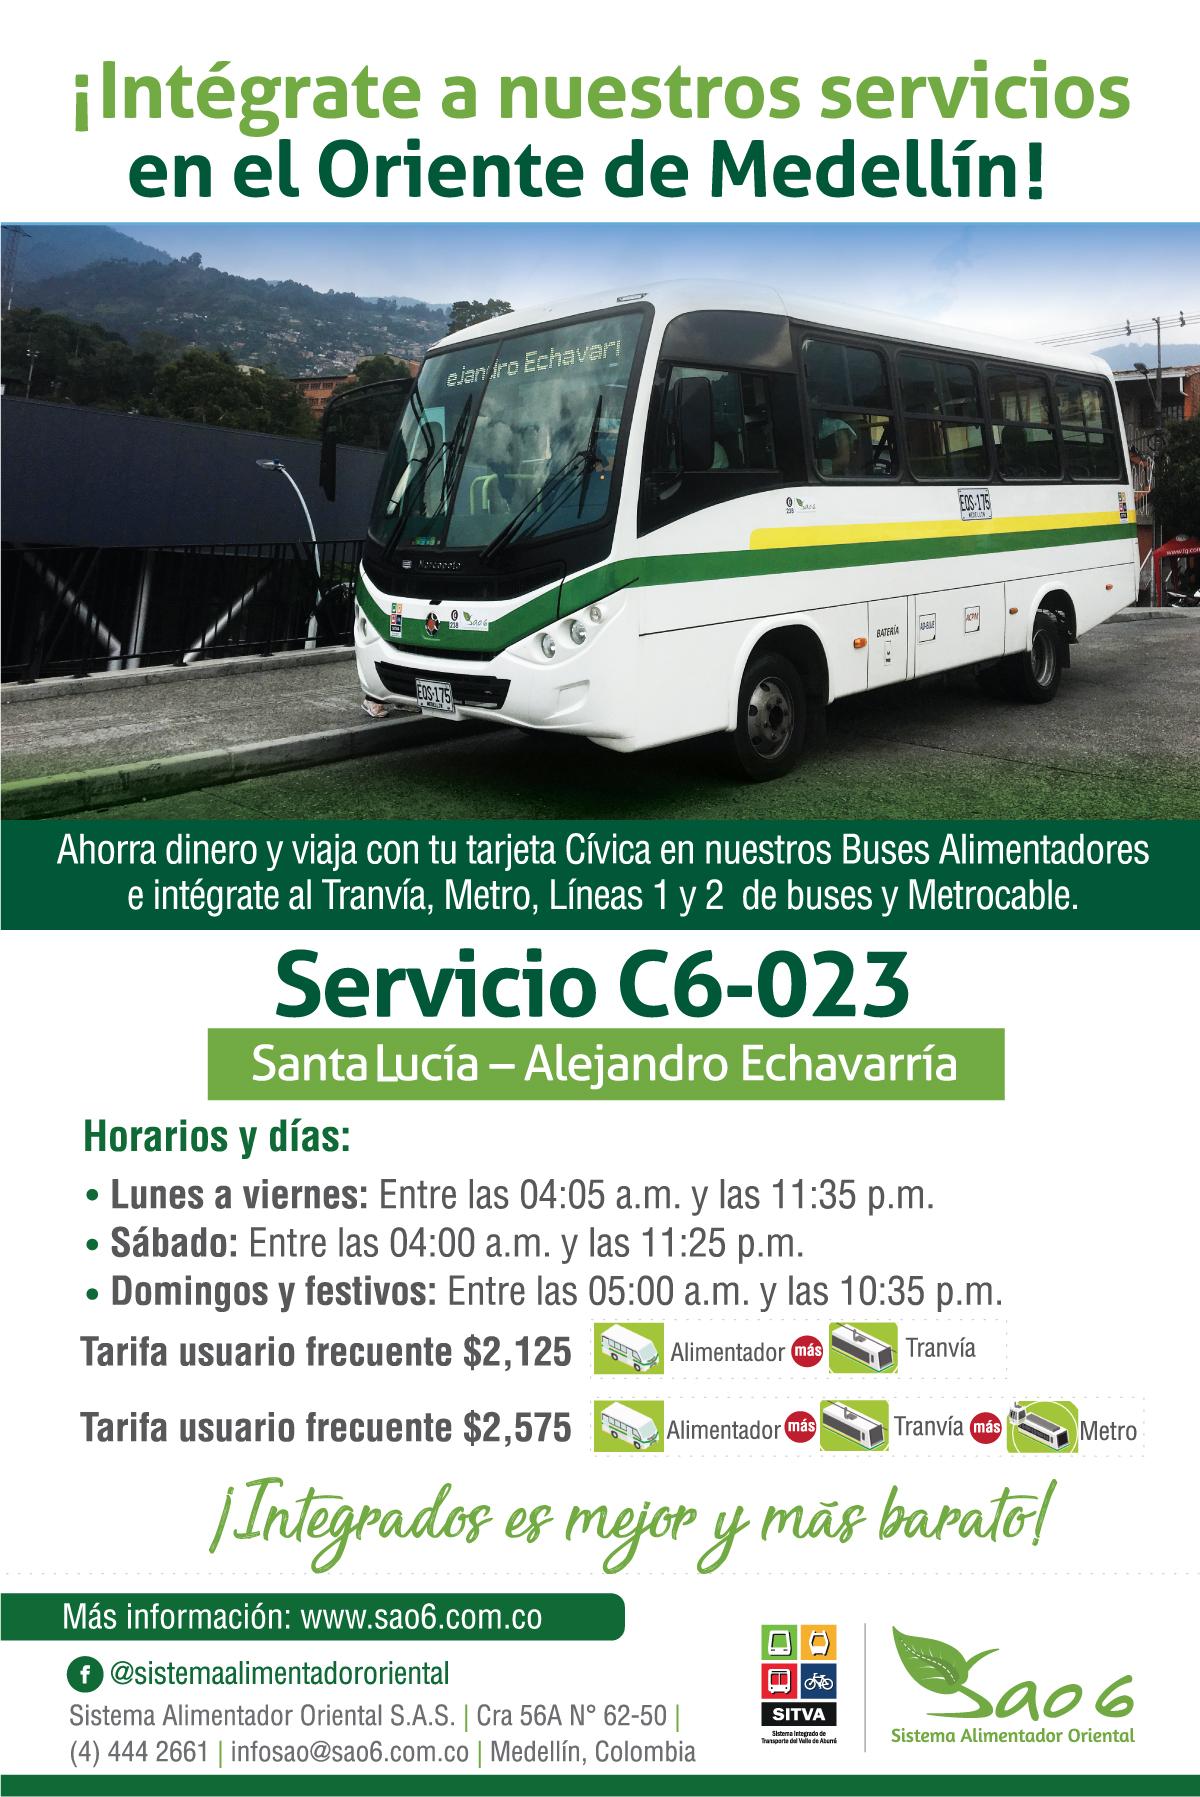 Servicio-C6-023